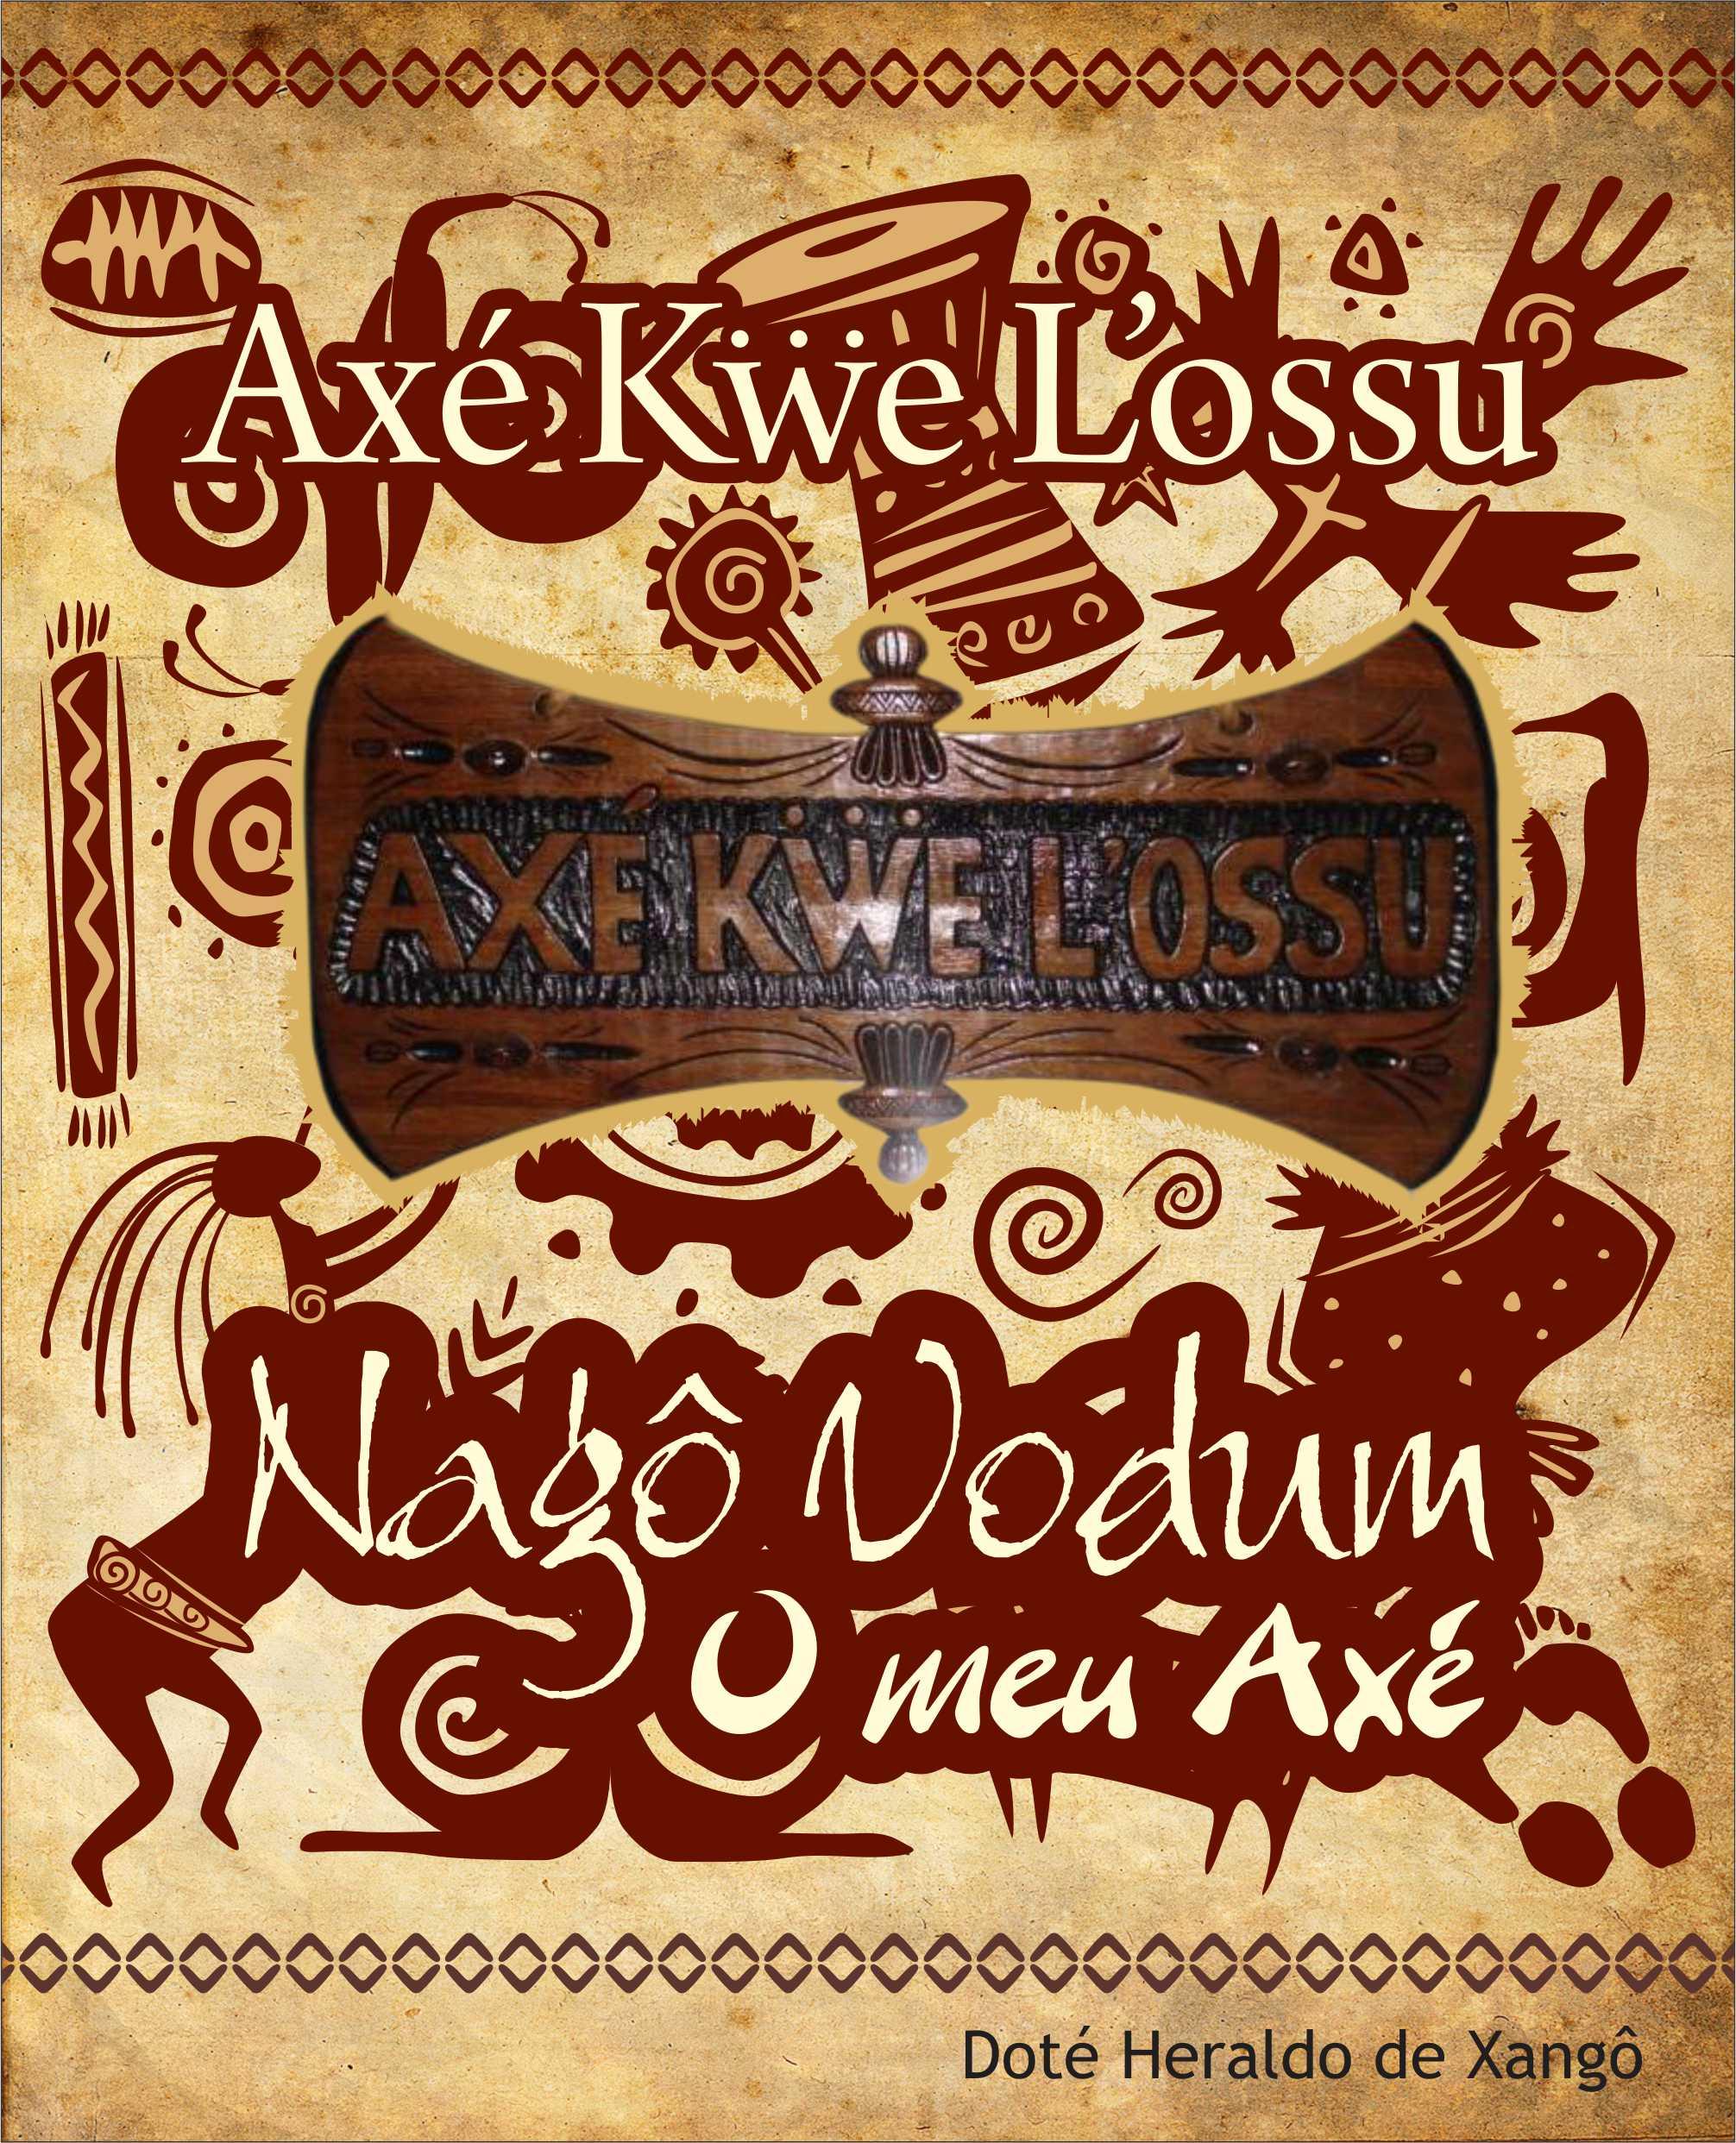 Doté Heraldo de Xangô e Antônio de Odé Gbomin lançaram livro sobre seu Axé.